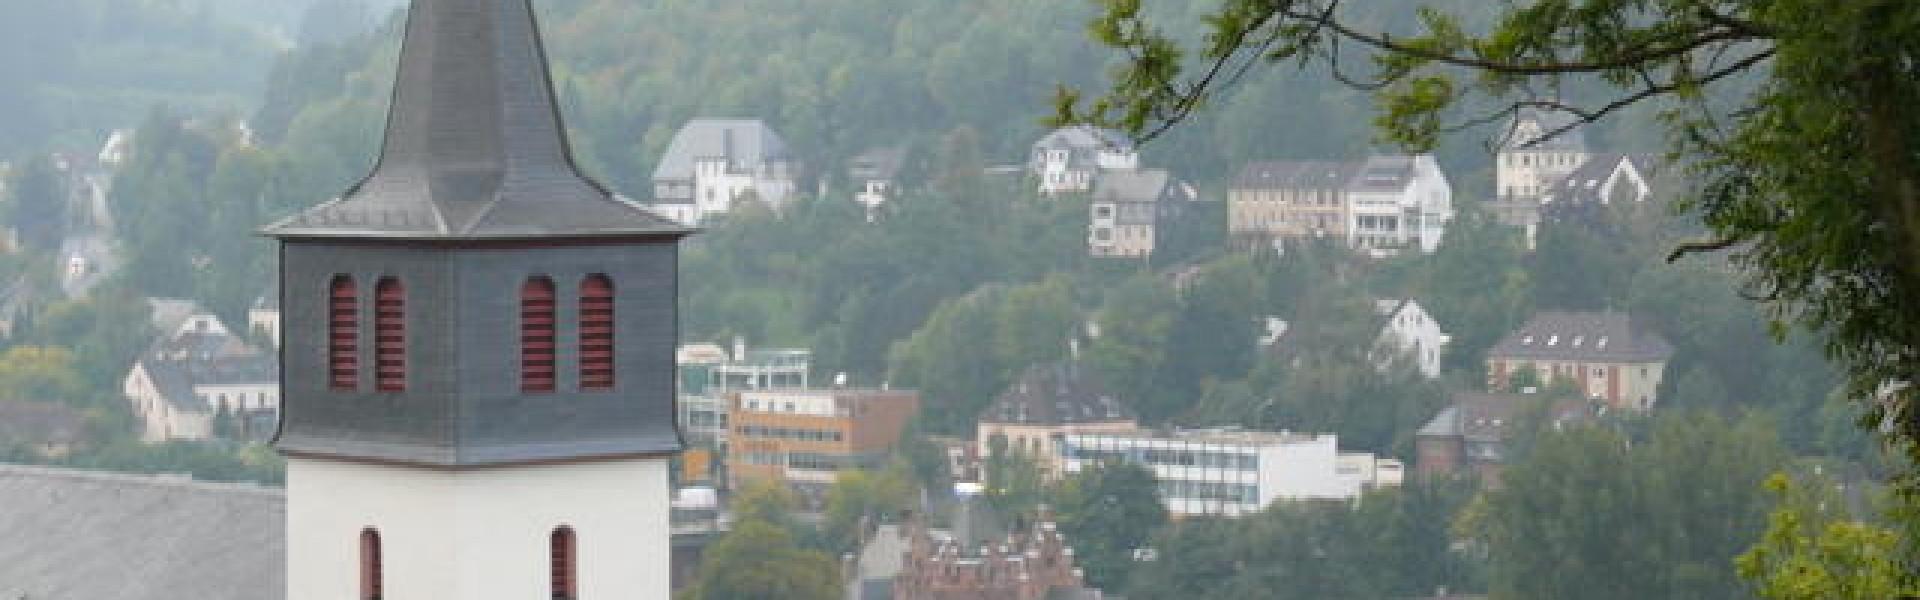 Vakantiehuis in de Eifel